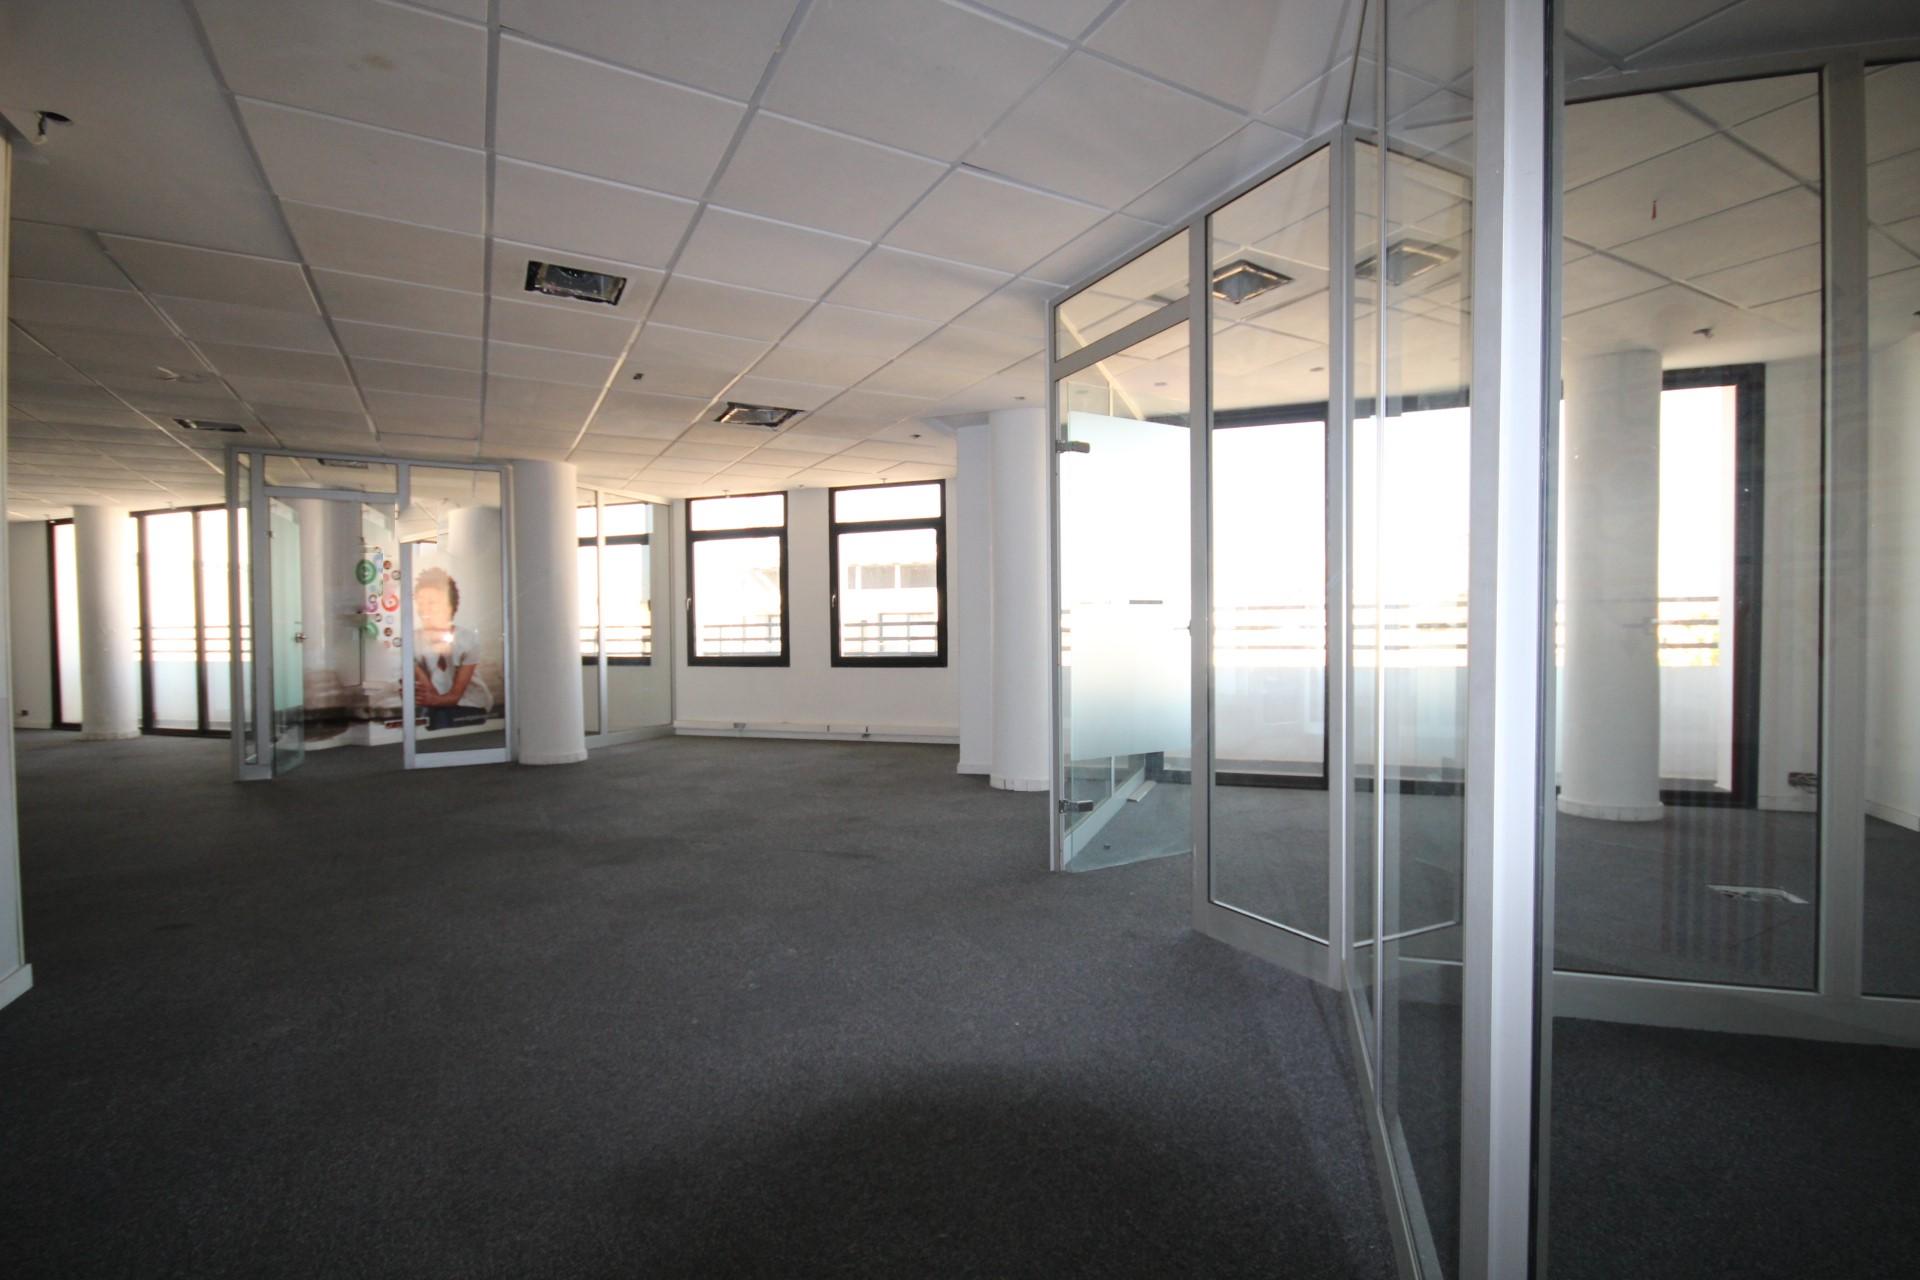 Maroc, Casablanca, Maarif proche twin à louer plateaux de bureaux modernes d'une superficie de 540m² divisible